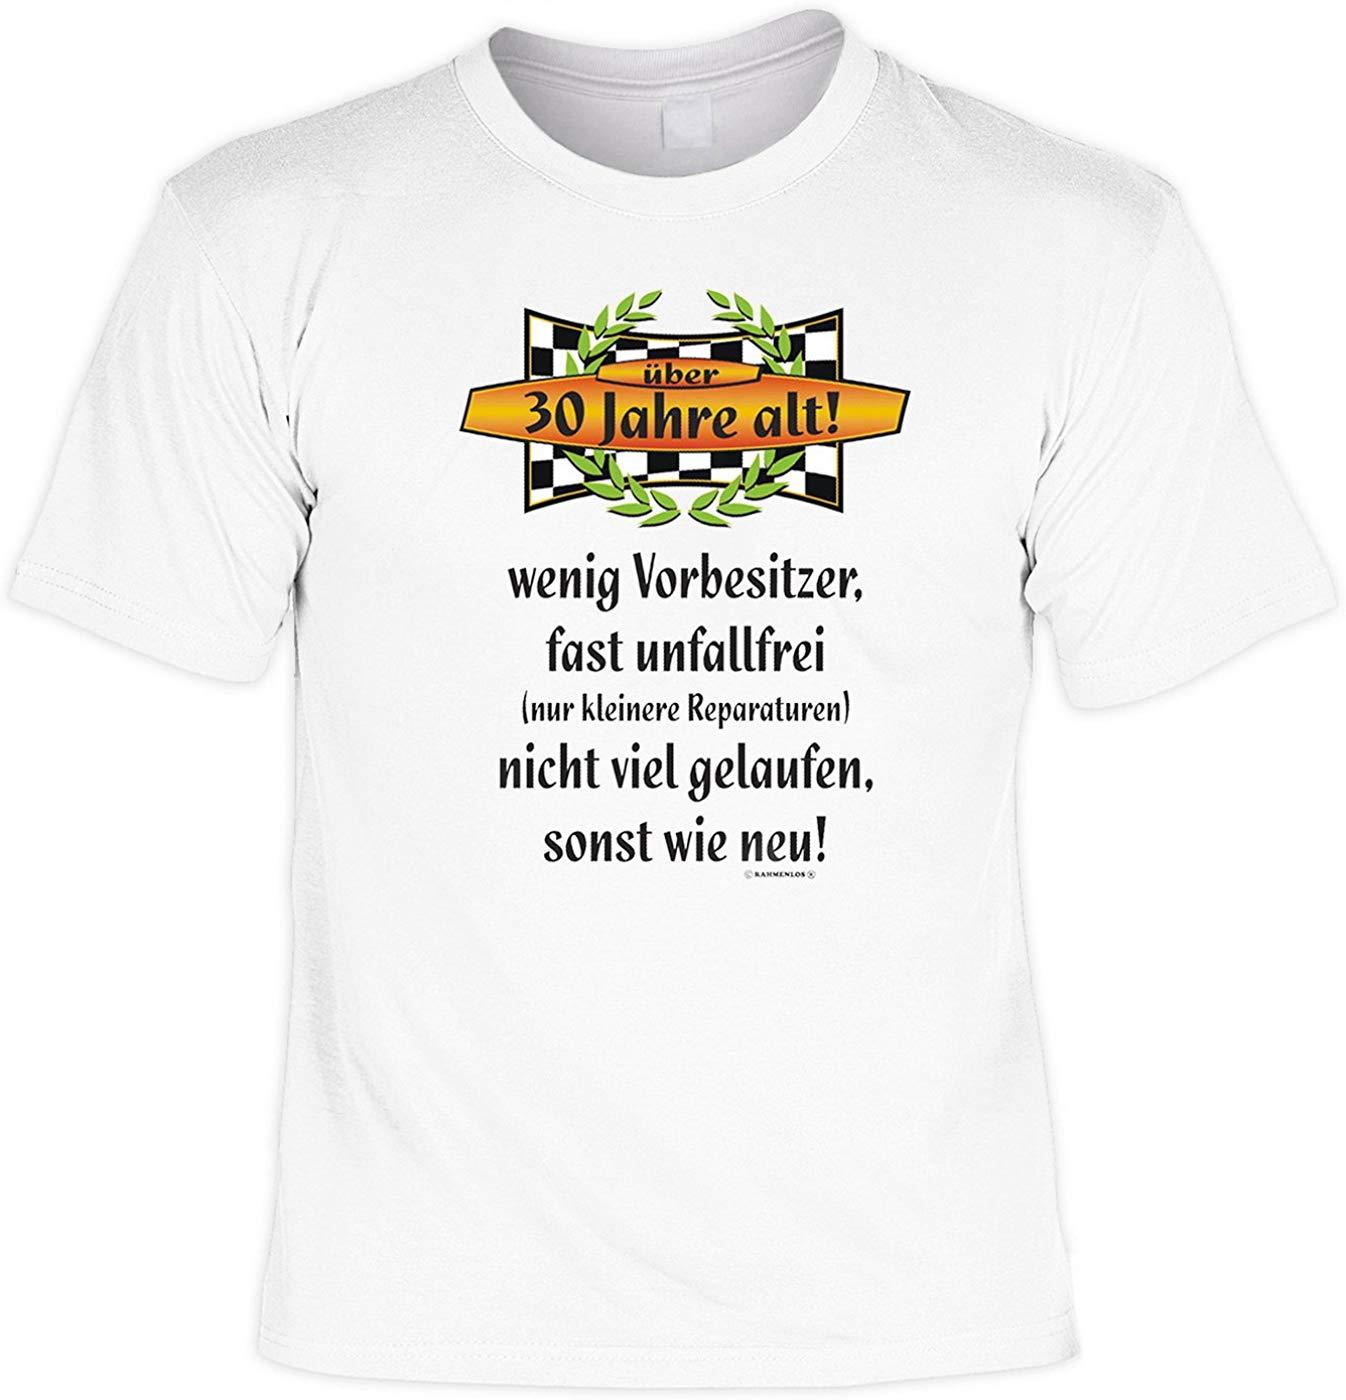 Full Size of Coole Sprüche Für Auf T Shirt Coole Sprüche Für T Shirt Druck Coole T Shirt Sprüche Coole T Shirt Sprüche Für Männer Küche Coole T Shirt Sprüche